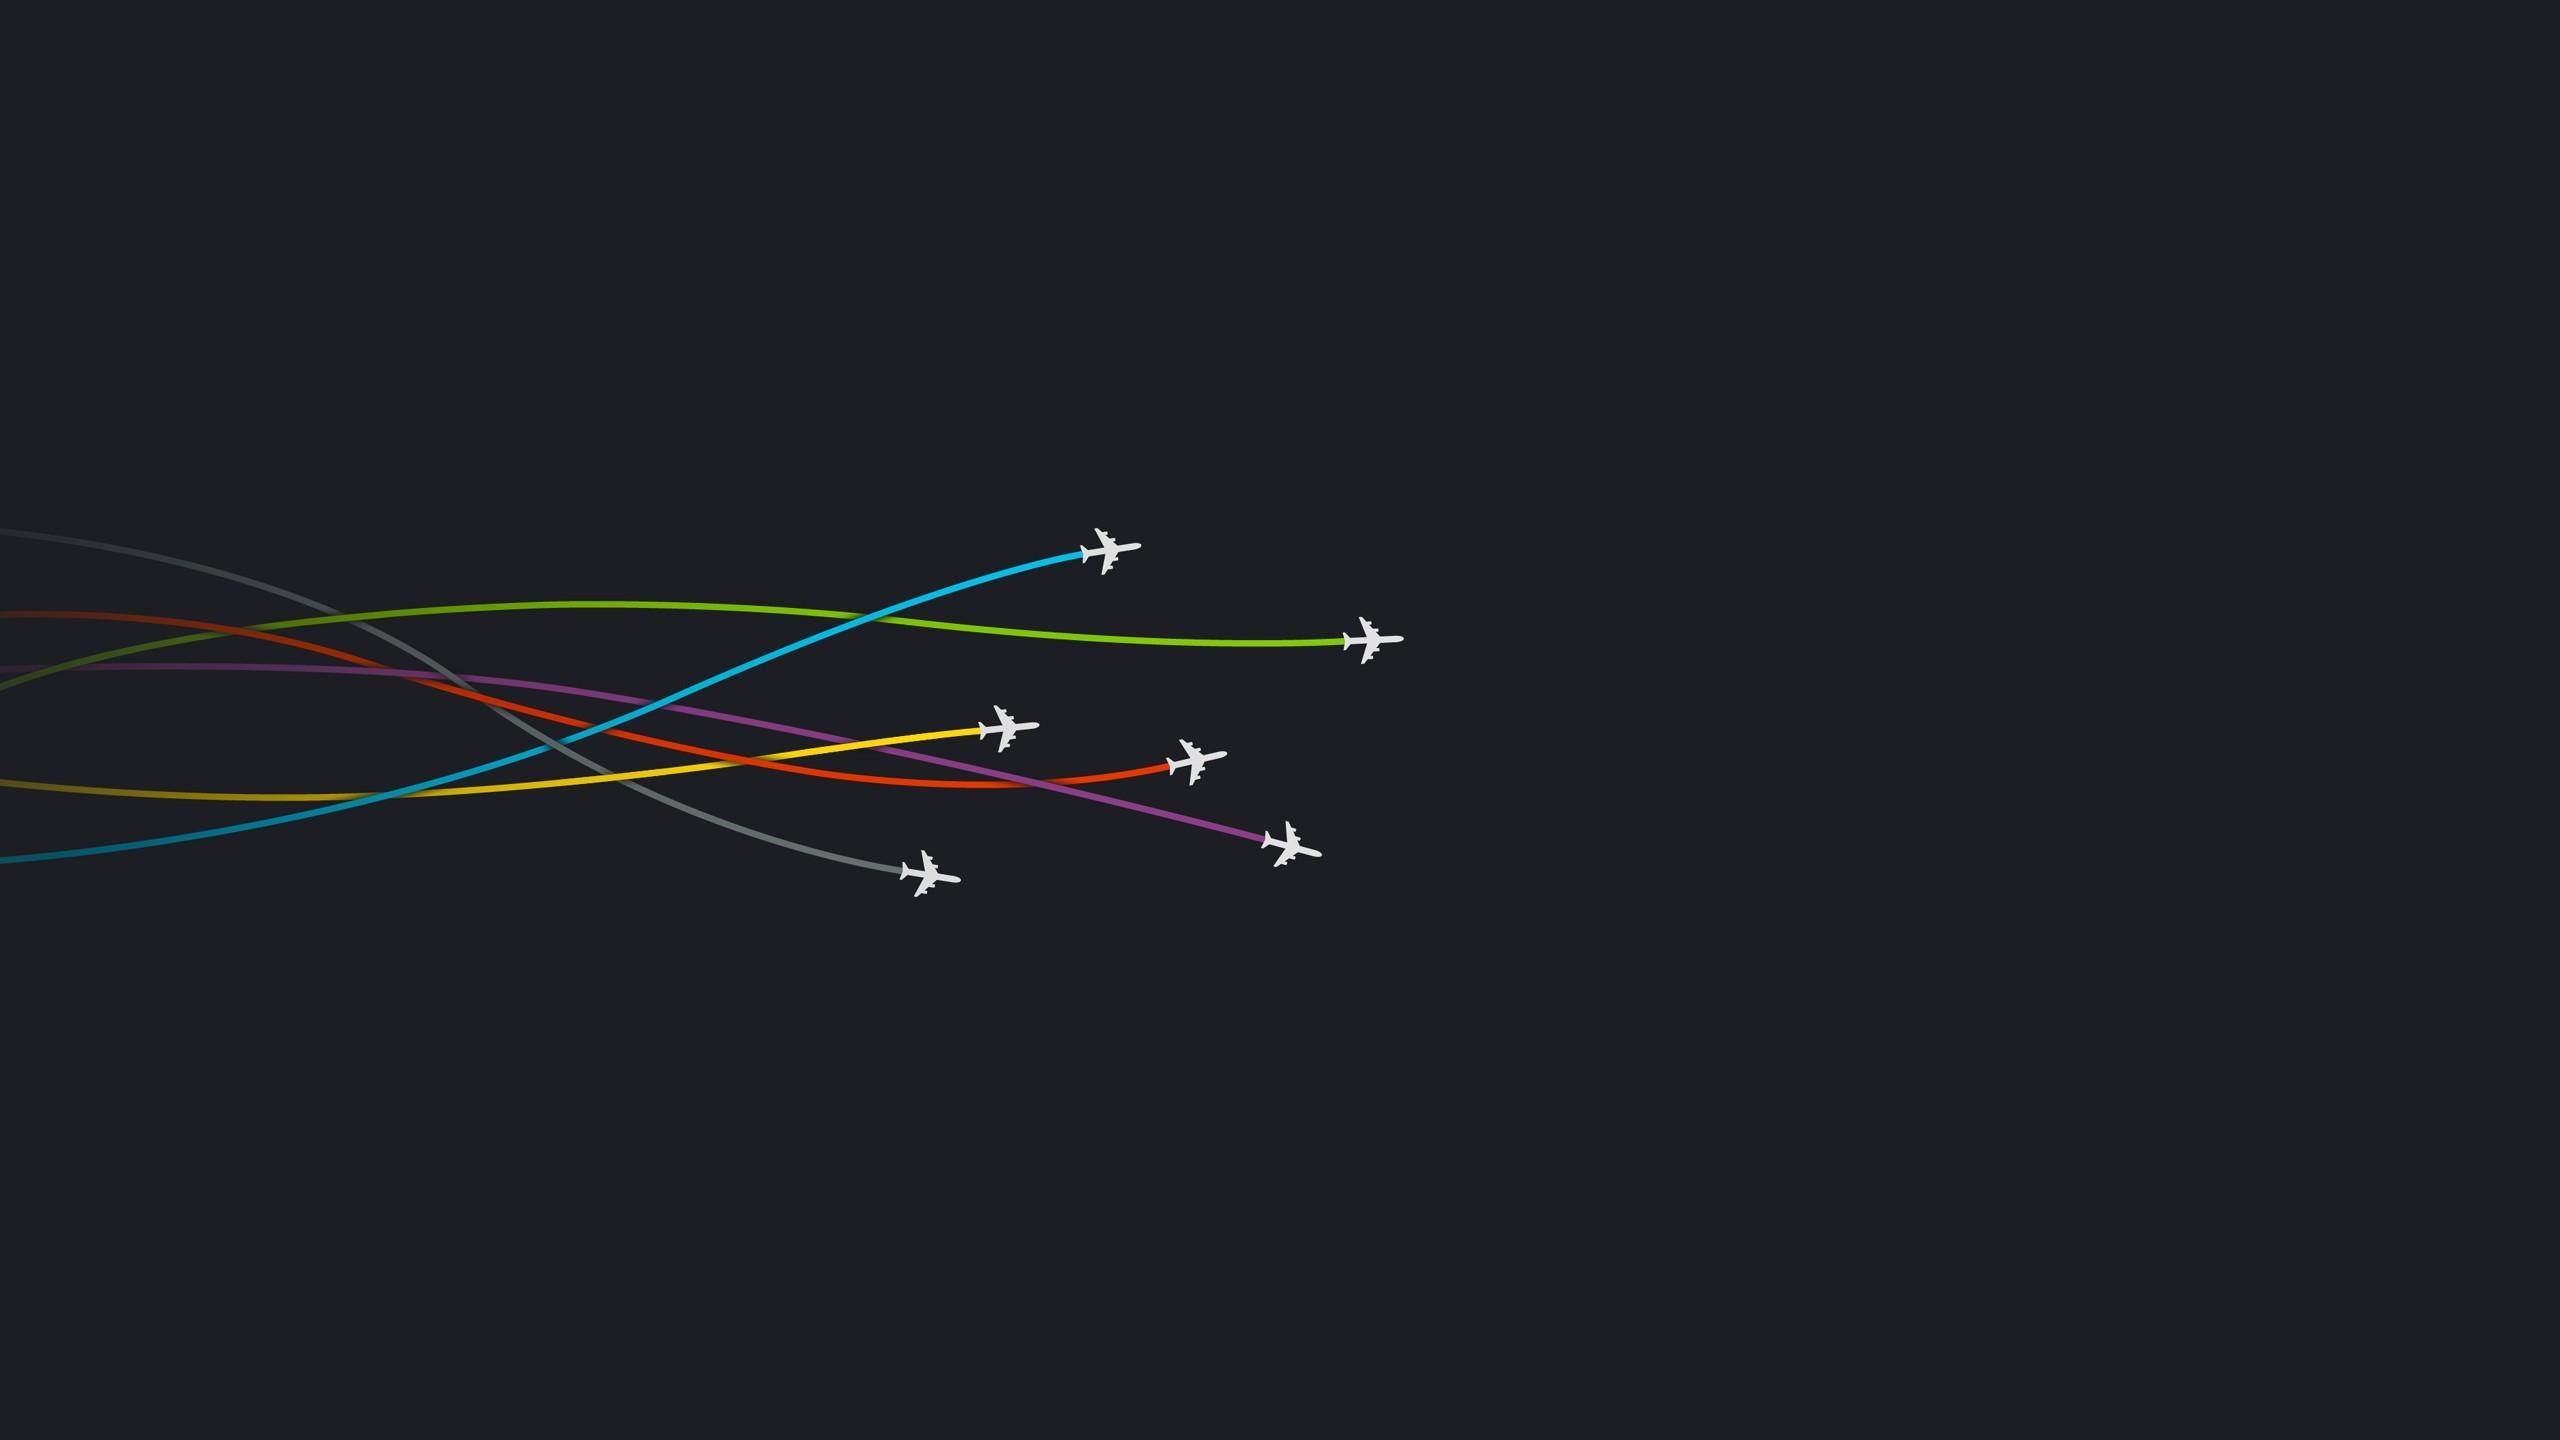 Aircrafts on Dark Background